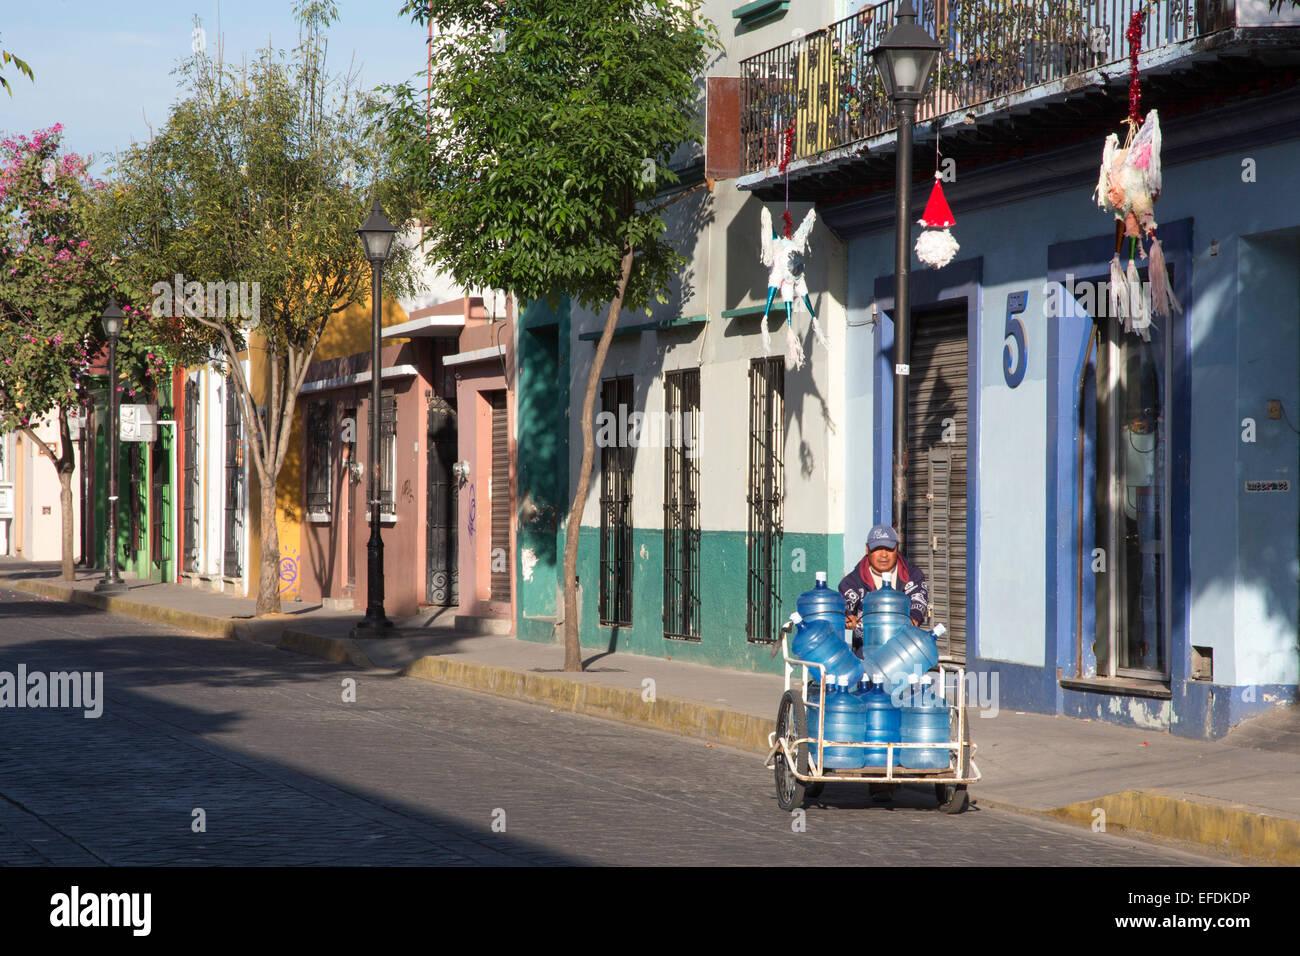 Oaxaca, Mexique - Un homme offre l'eau en bouteille avec un panier à la main. Photo Stock